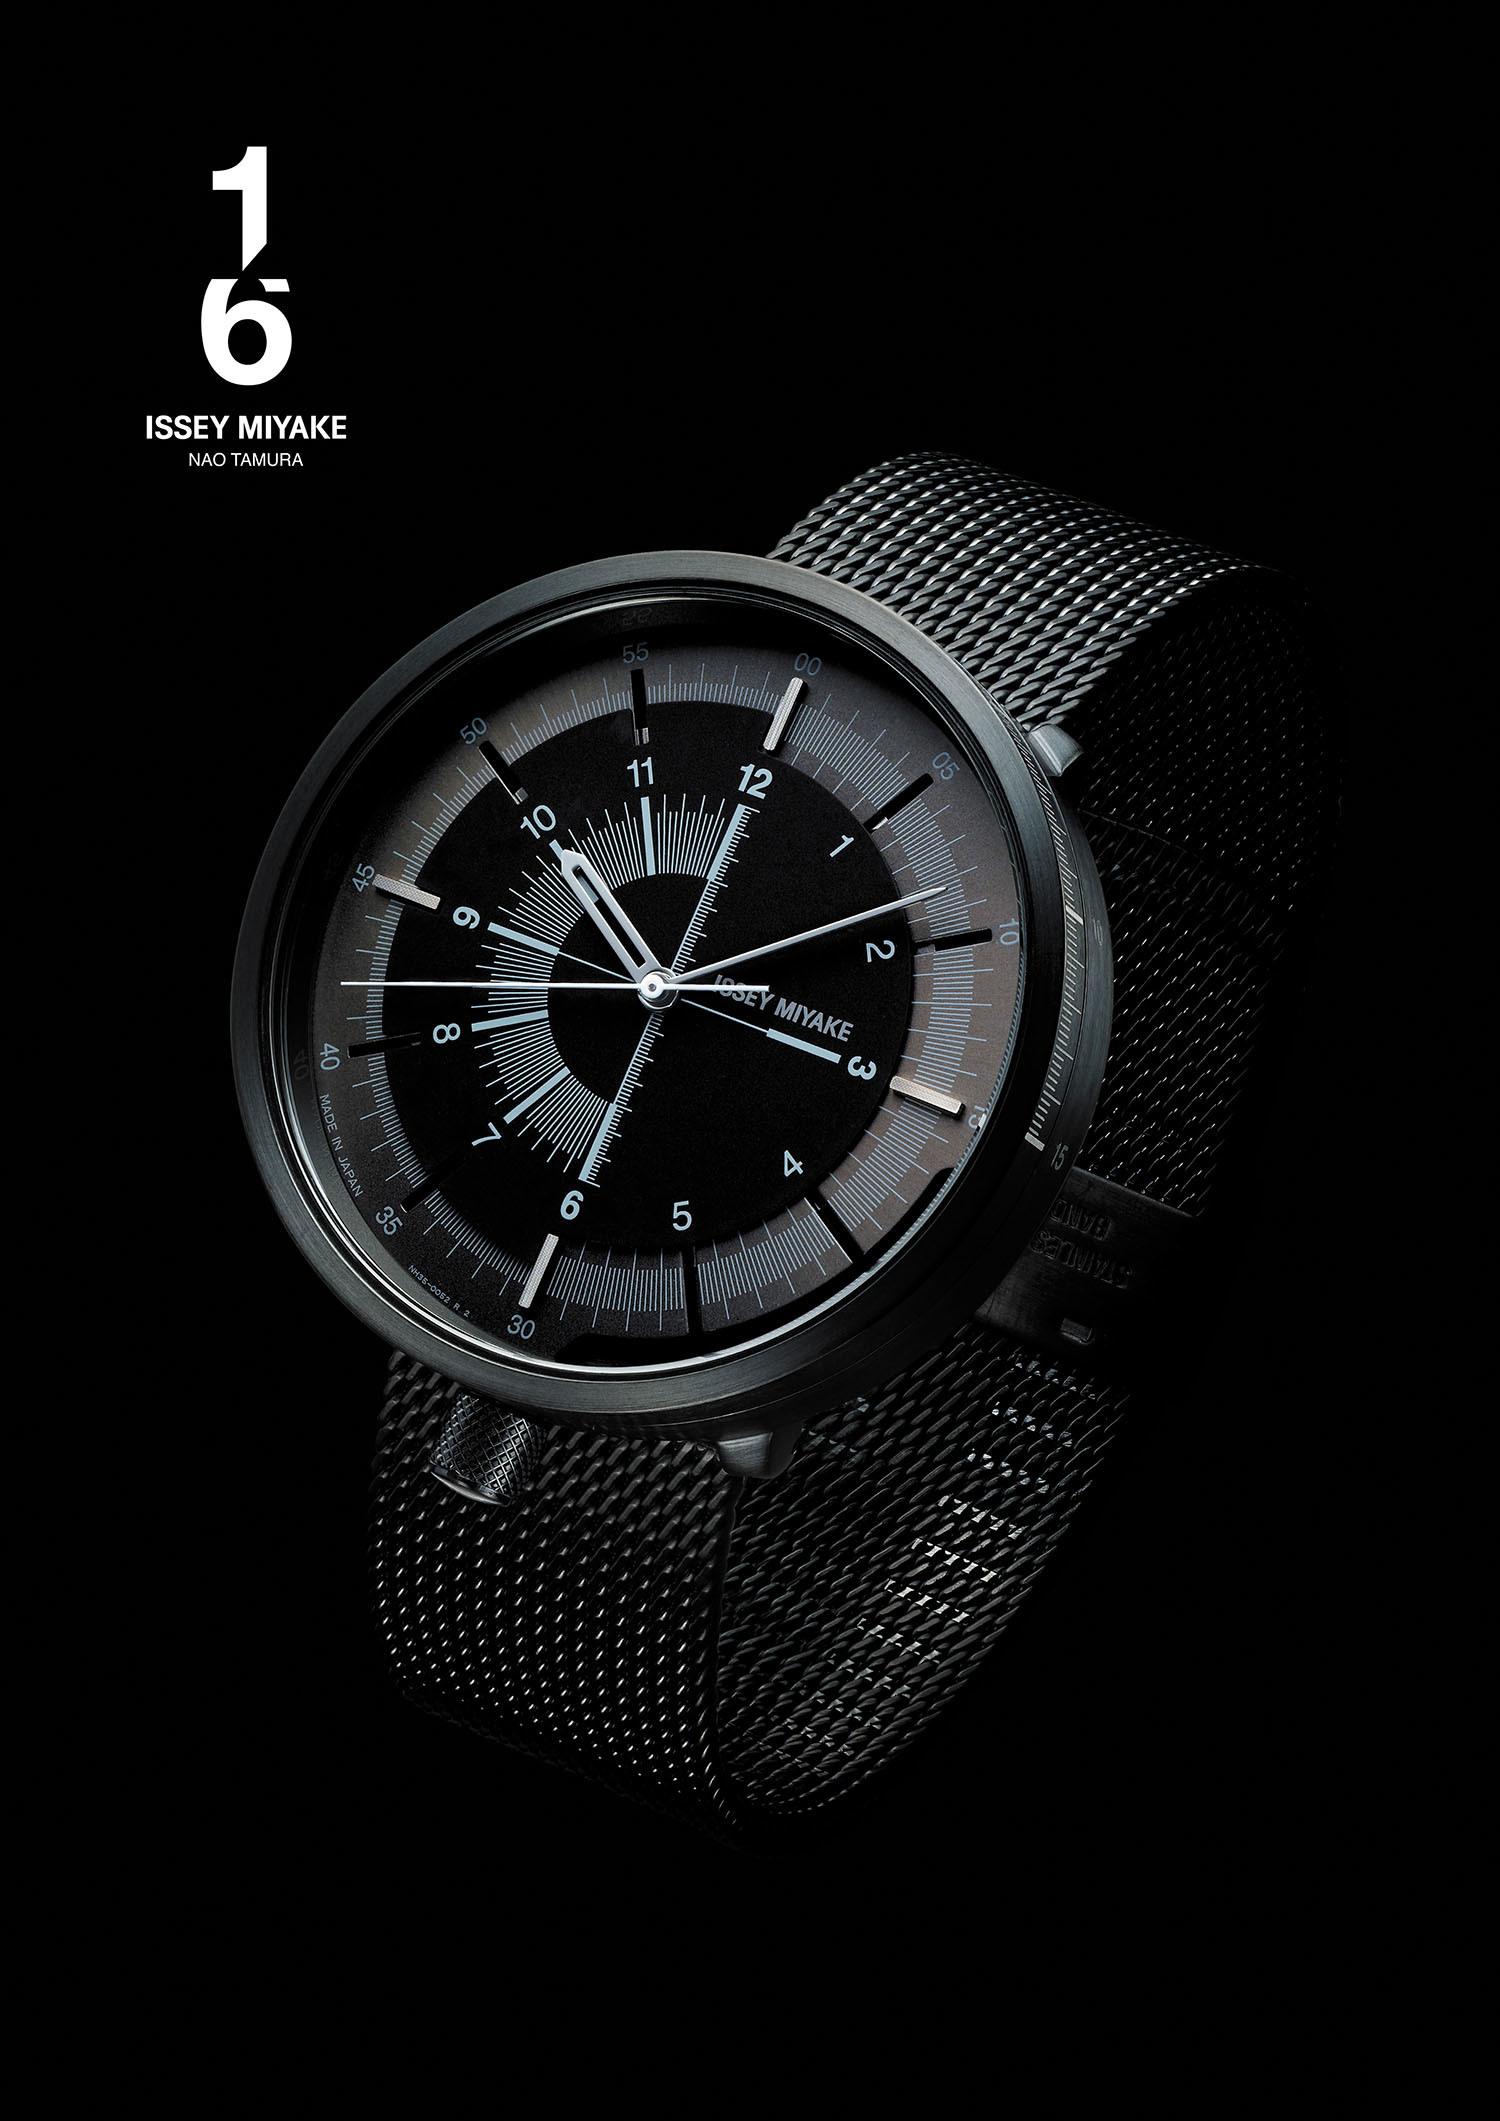 Seiko x ISSEY MIYAKE 攜手打造製錶美學